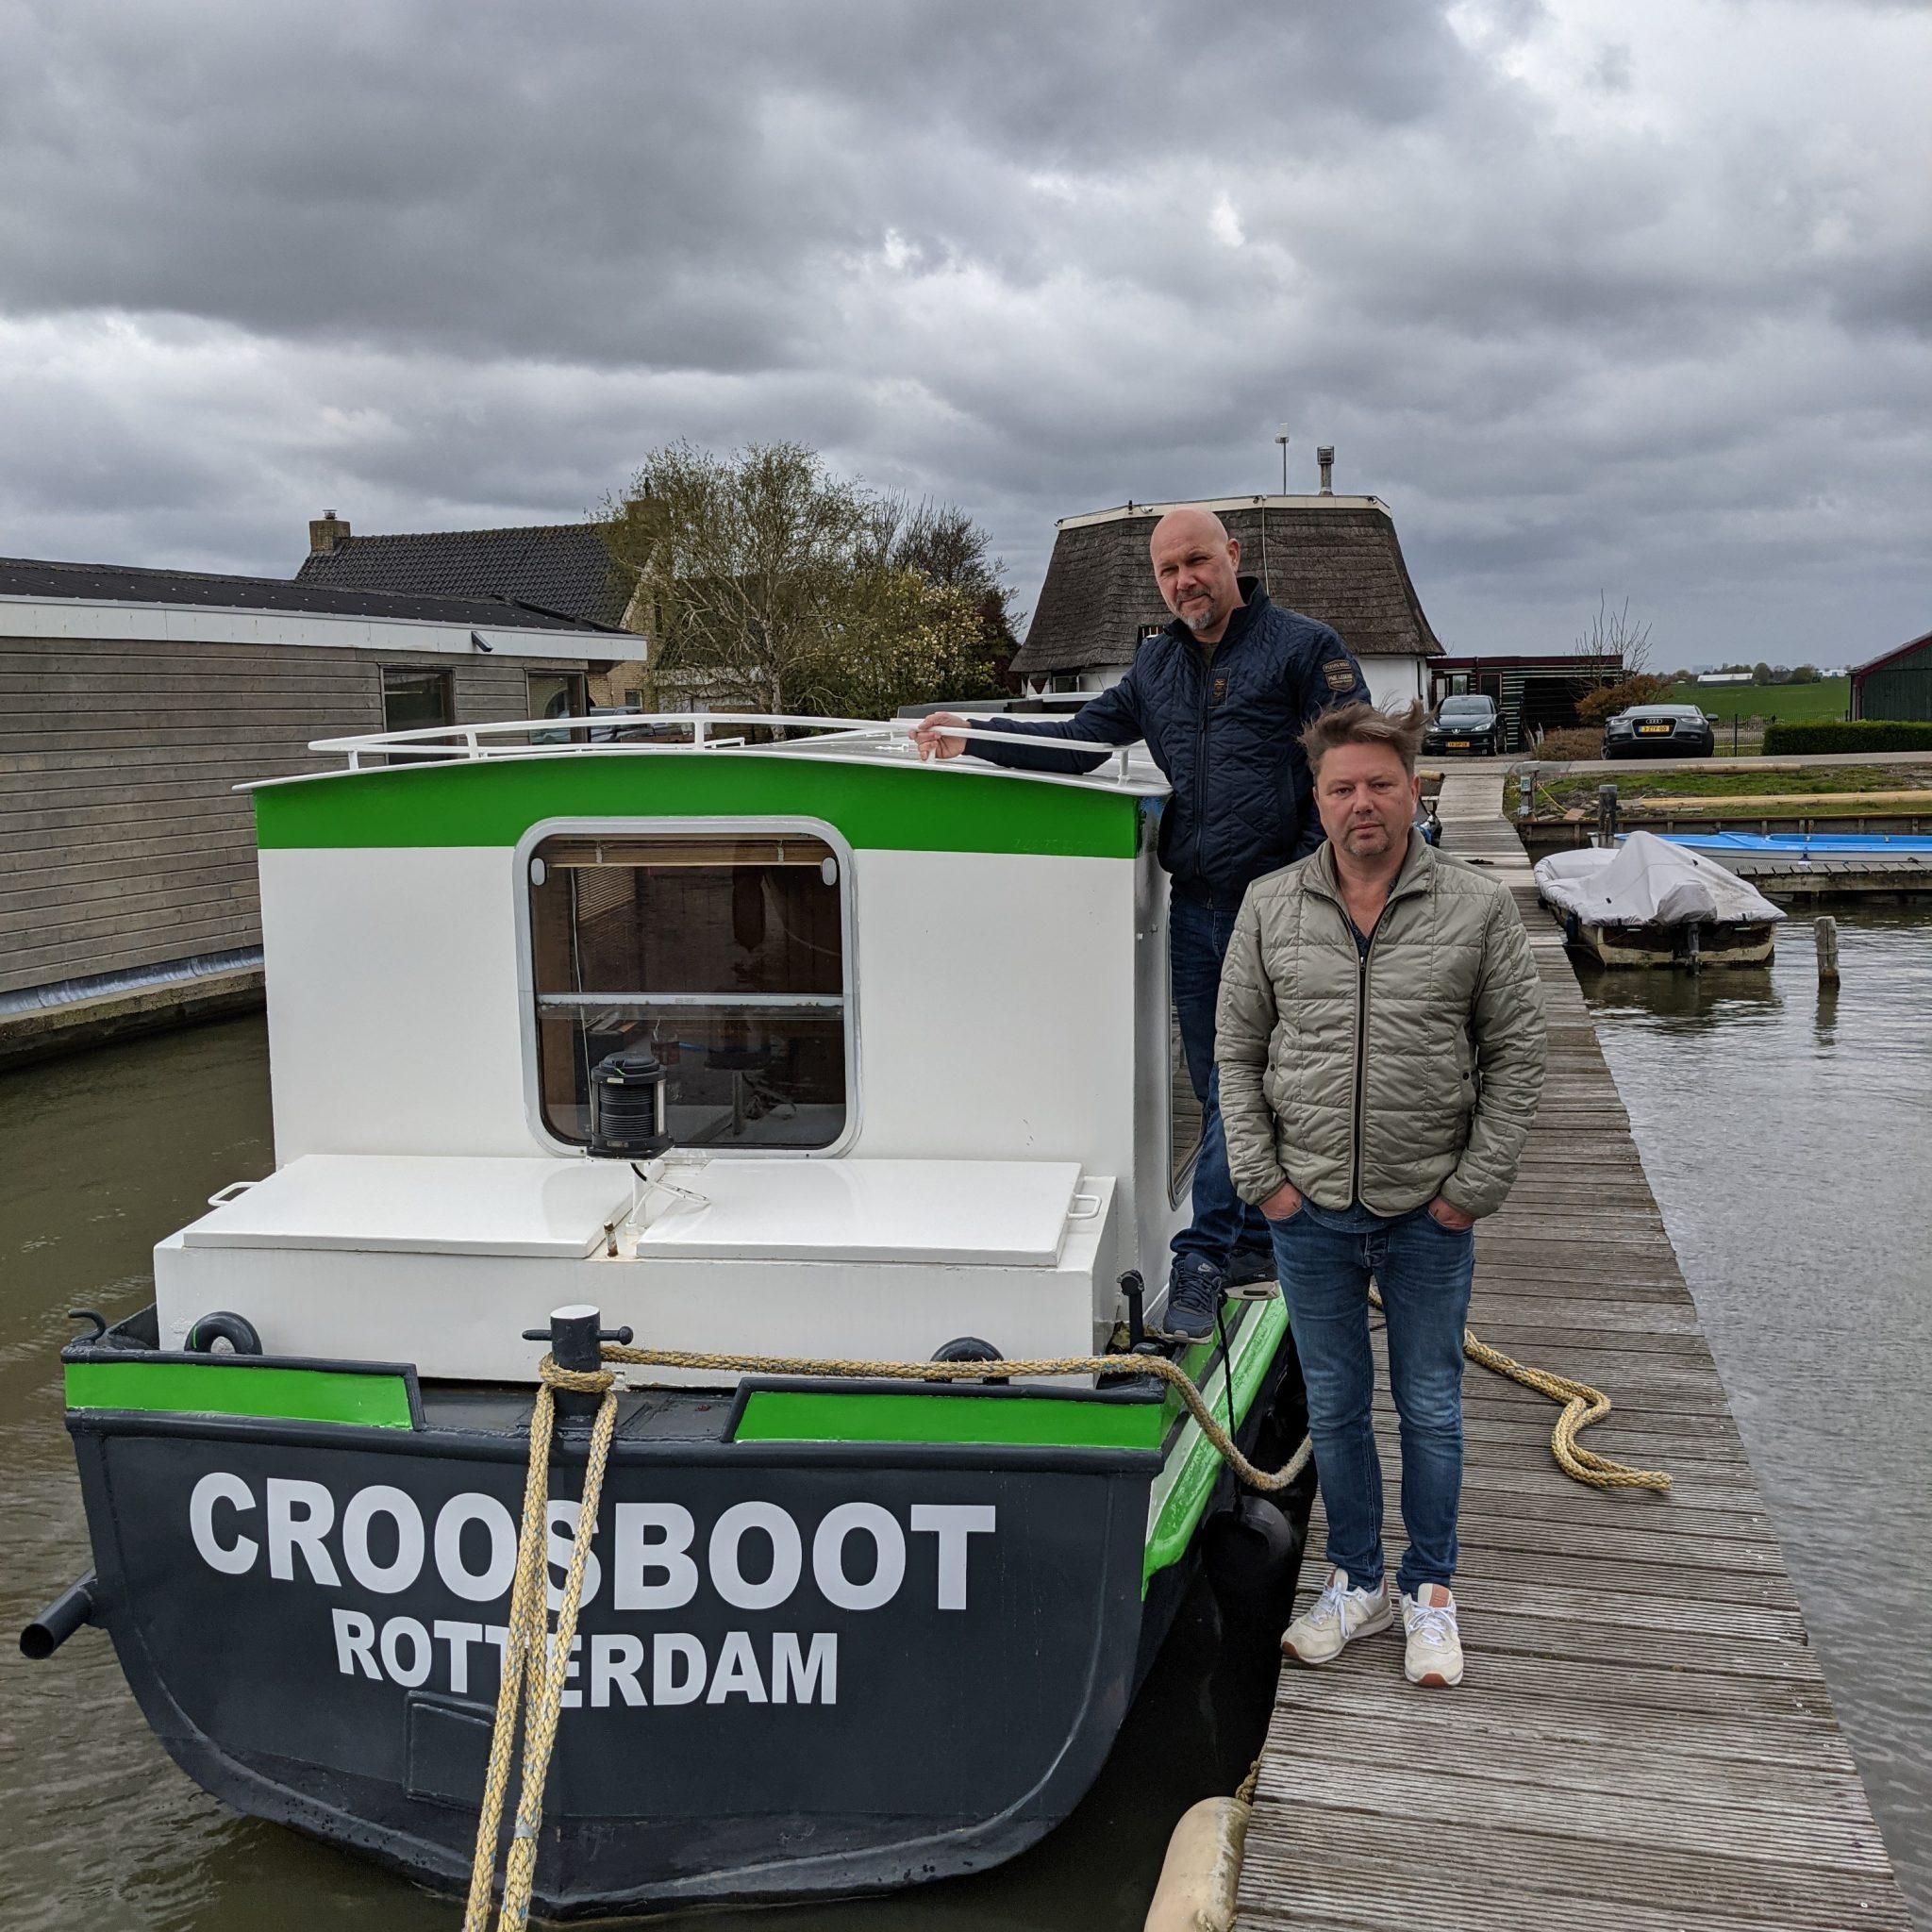 De Croosboot is door broers Ton (links) en Maurice den Haan nieuw leven ingeblazen (Foto Jelmer Bastiaans)